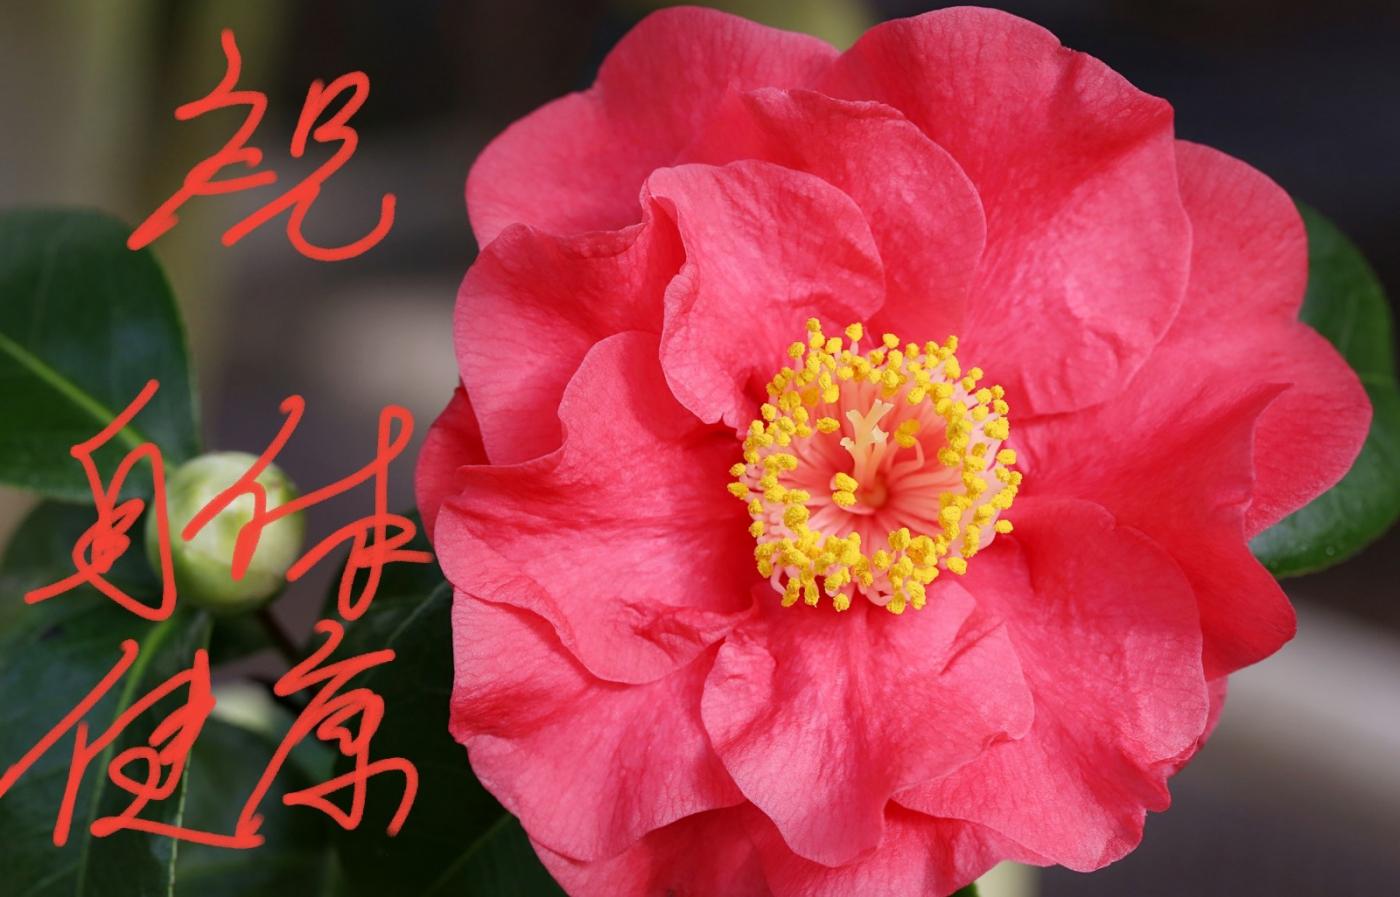 [田螺摄影]把祝福写进花开里 新年好!_图1-22